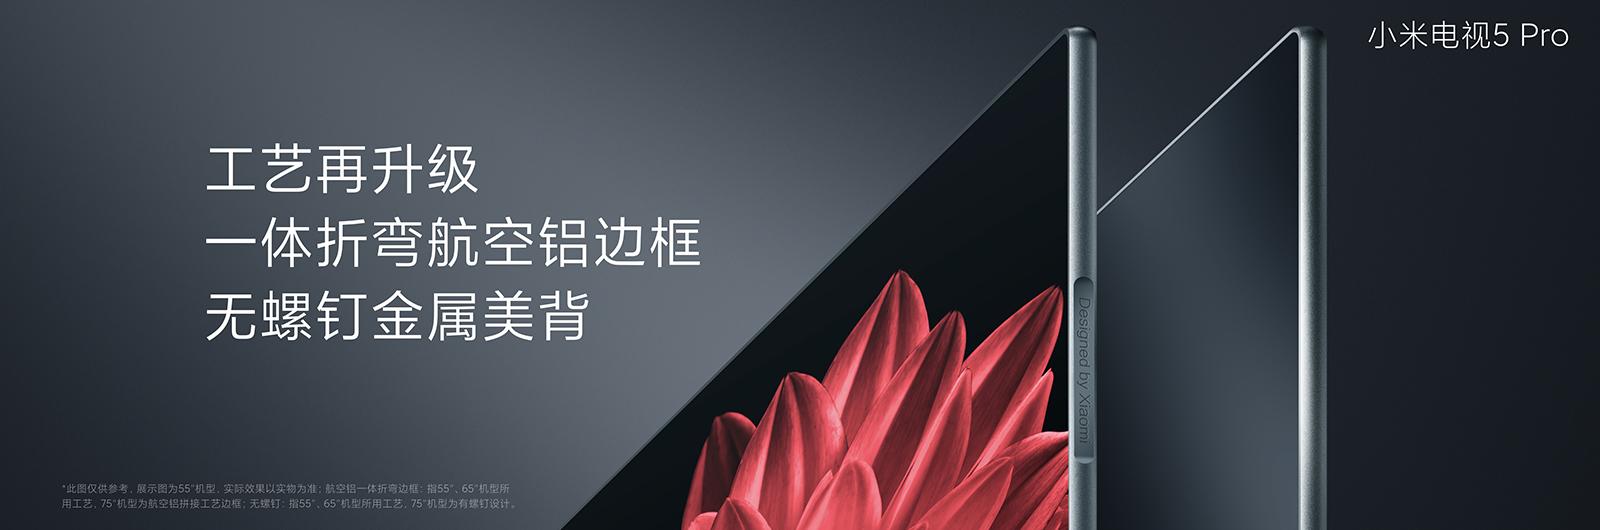 起步价仅2999元!小米电视5系列发布:画质全面提升,进军高端市场